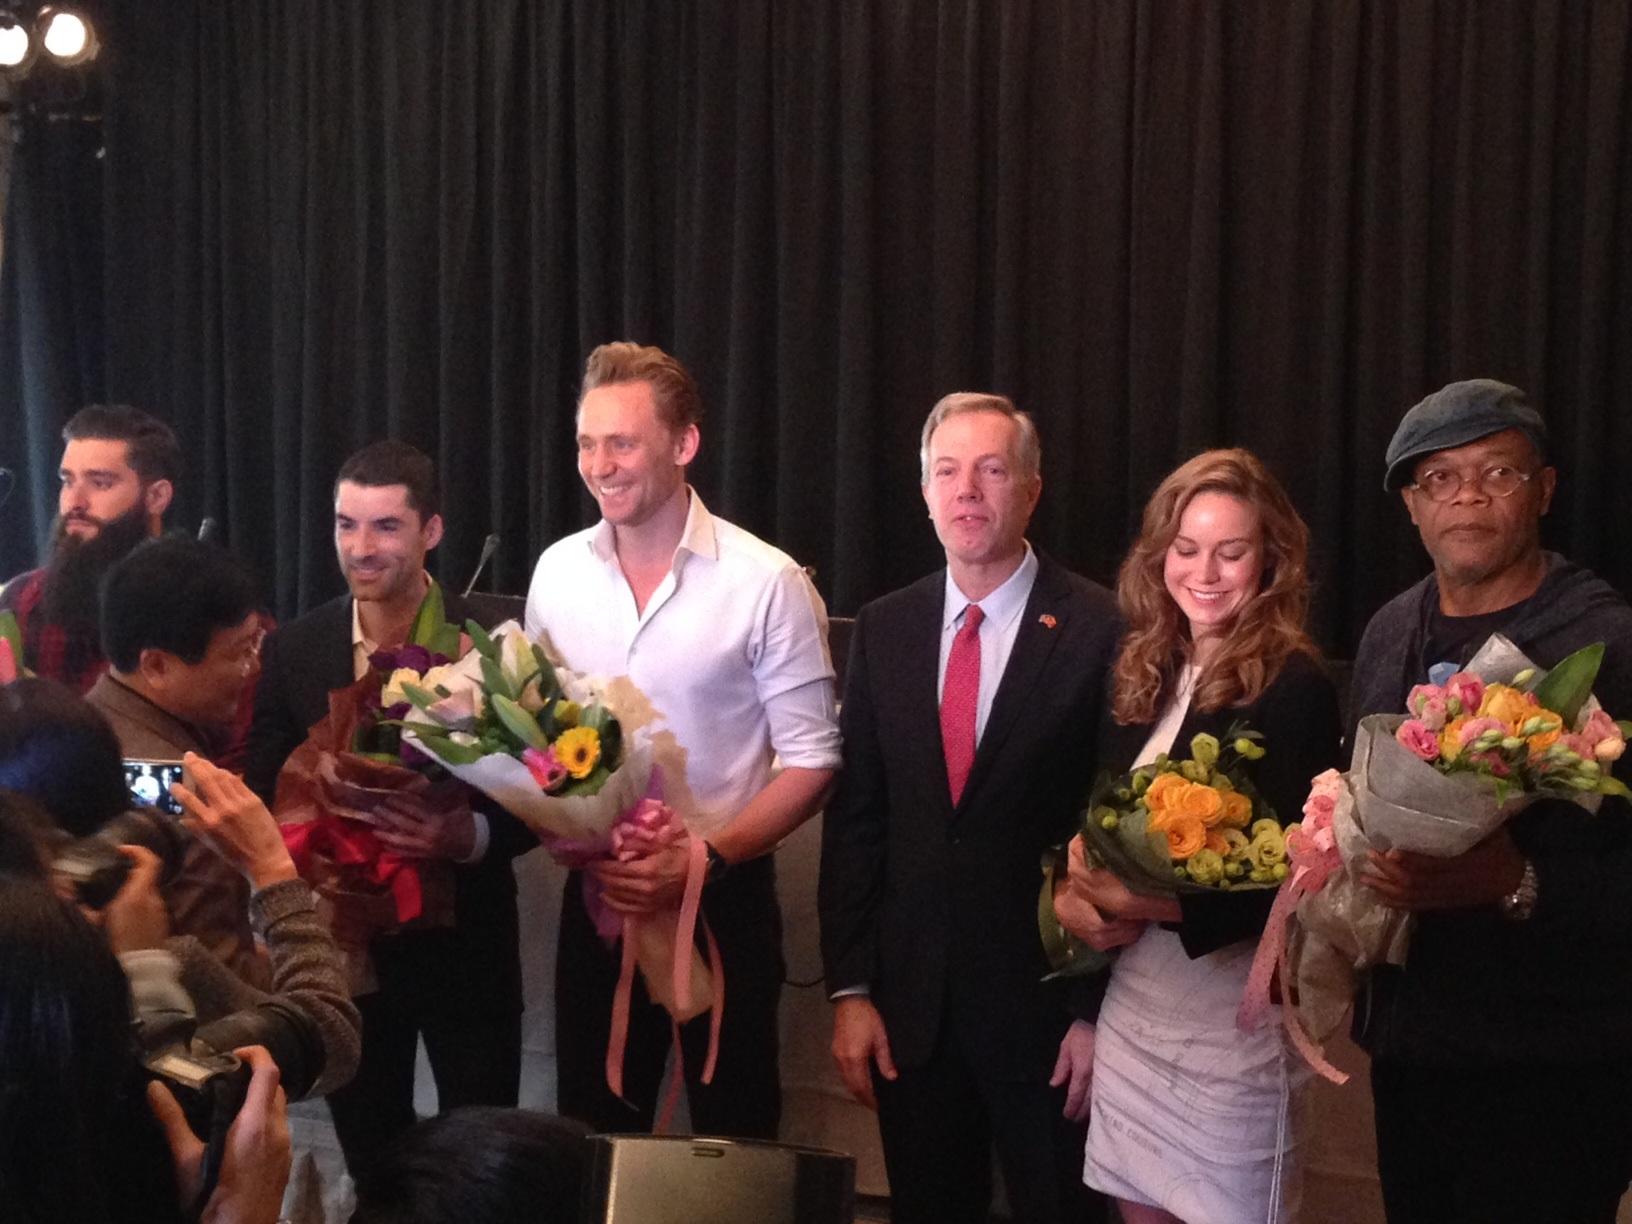 Nói về cảm xúc khi đến Việt Nam, Tom Hiddleston nói rằng, năm 19 tuổi, khi đang là sinh viên đại học anh đã từng làm visa chuẩn bị sang Việt Nam nhưng sau đó lại nhận được vai diễn đầu tiên nên phải hủy chuyến đi. Tuy nhiên, nhờ bộ phim này cuối cùng anh đã thực hiện được ước muốn tới Việt Nam.